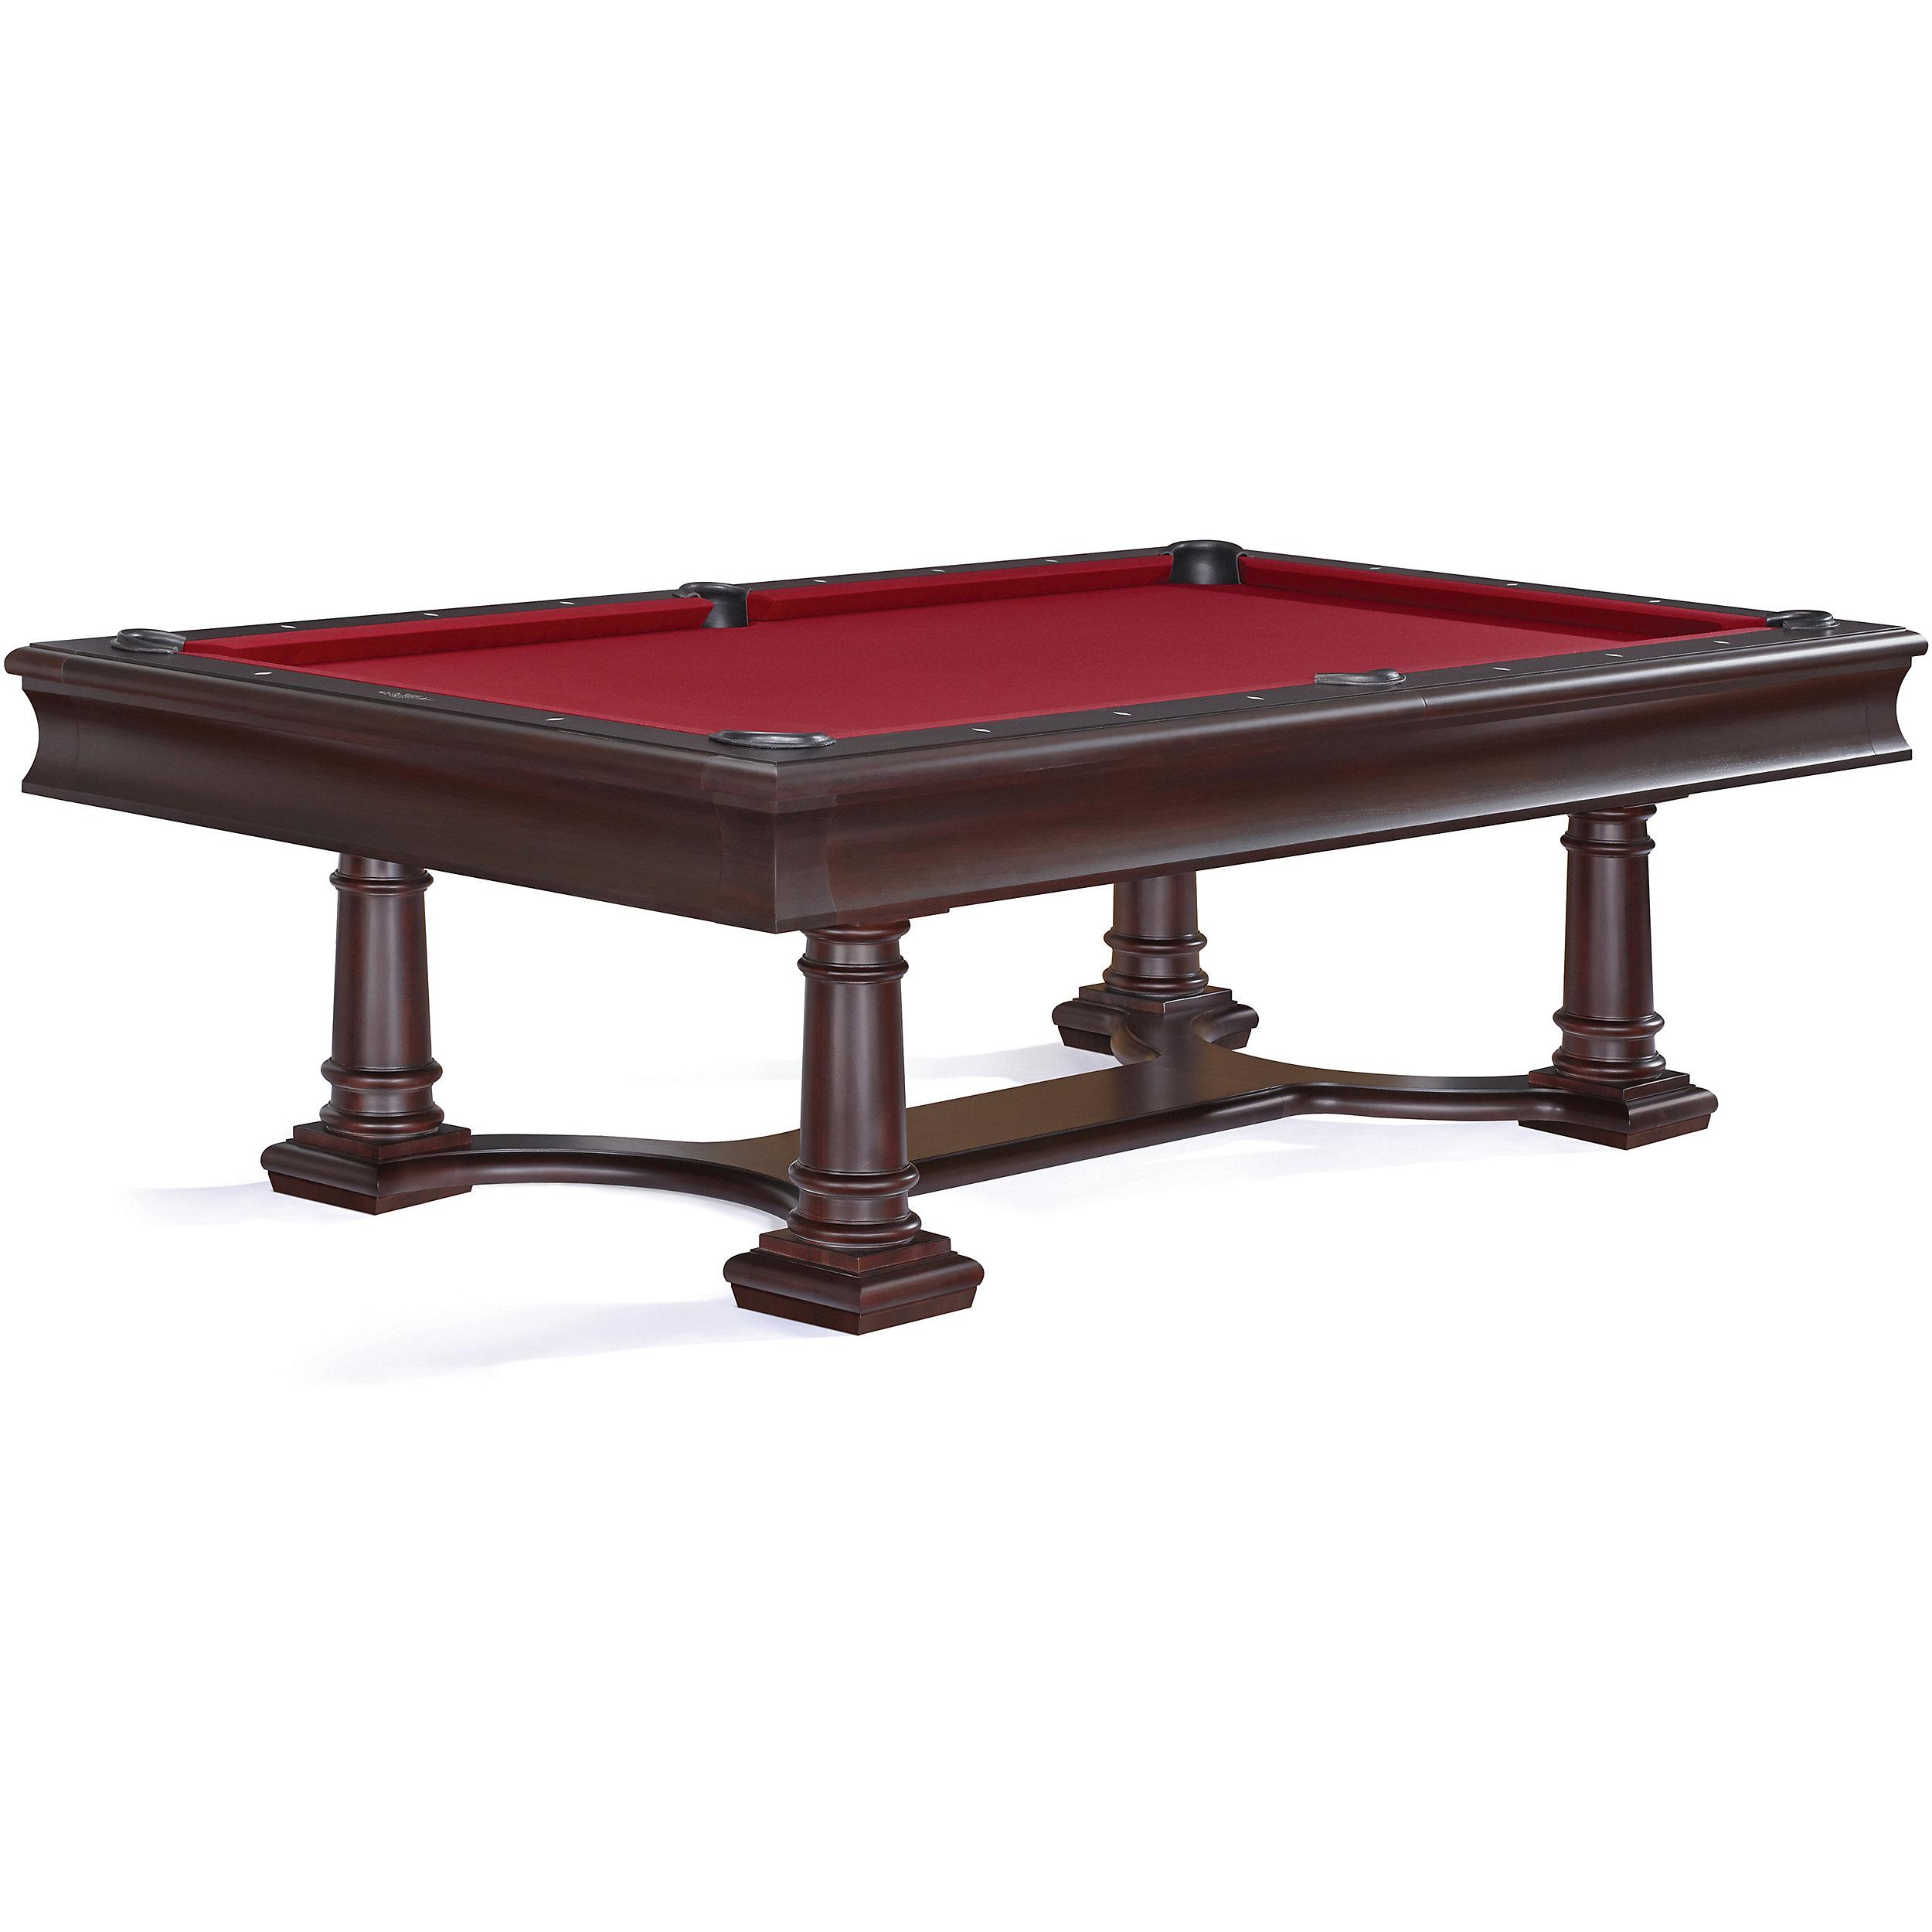 Lexington Pool Table Pool Table Modern Design Billiard Factory - Mr billiards pool table